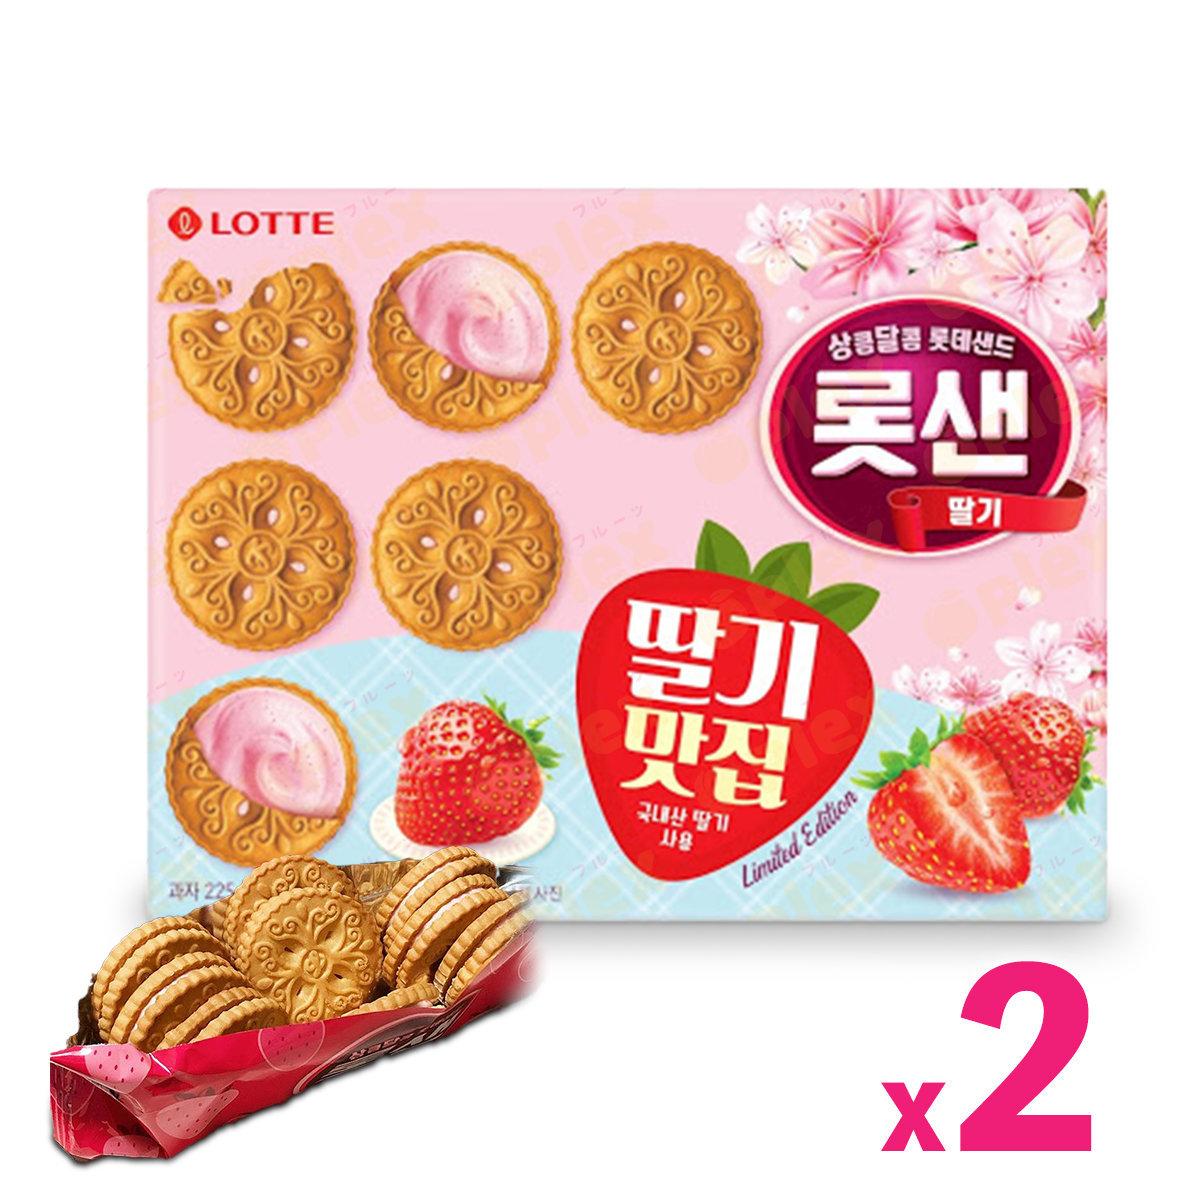 Lotte Strawberry Sandwich (3bags) x 2box